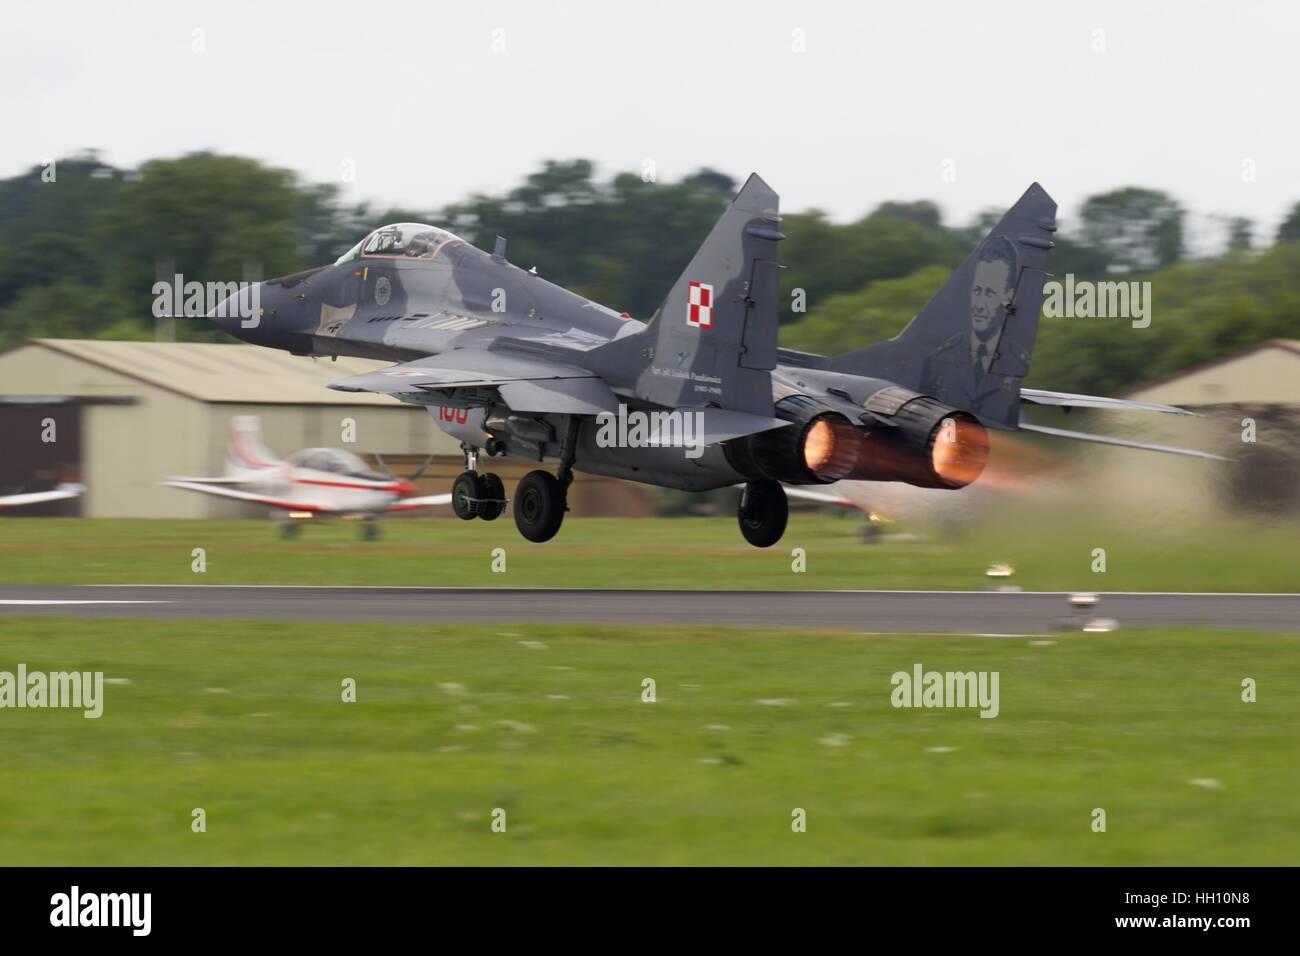 Polish MiG-29 taking off at the Royal International Air Tattoo - Stock Image